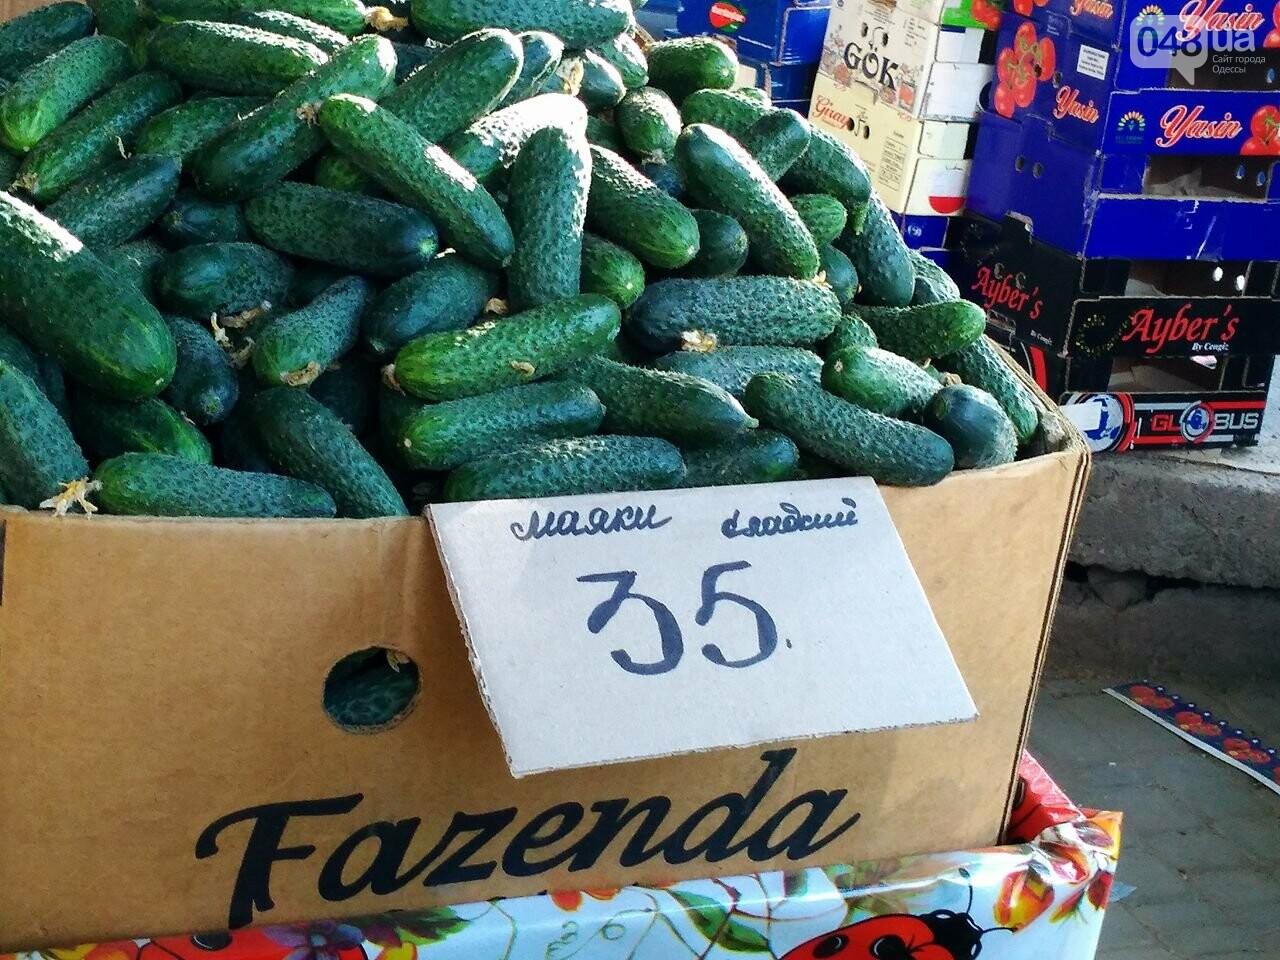 На одесских рынках появились зеленый горошек и черешня, а цена на клубнику упала, - ФОТО, фото-4